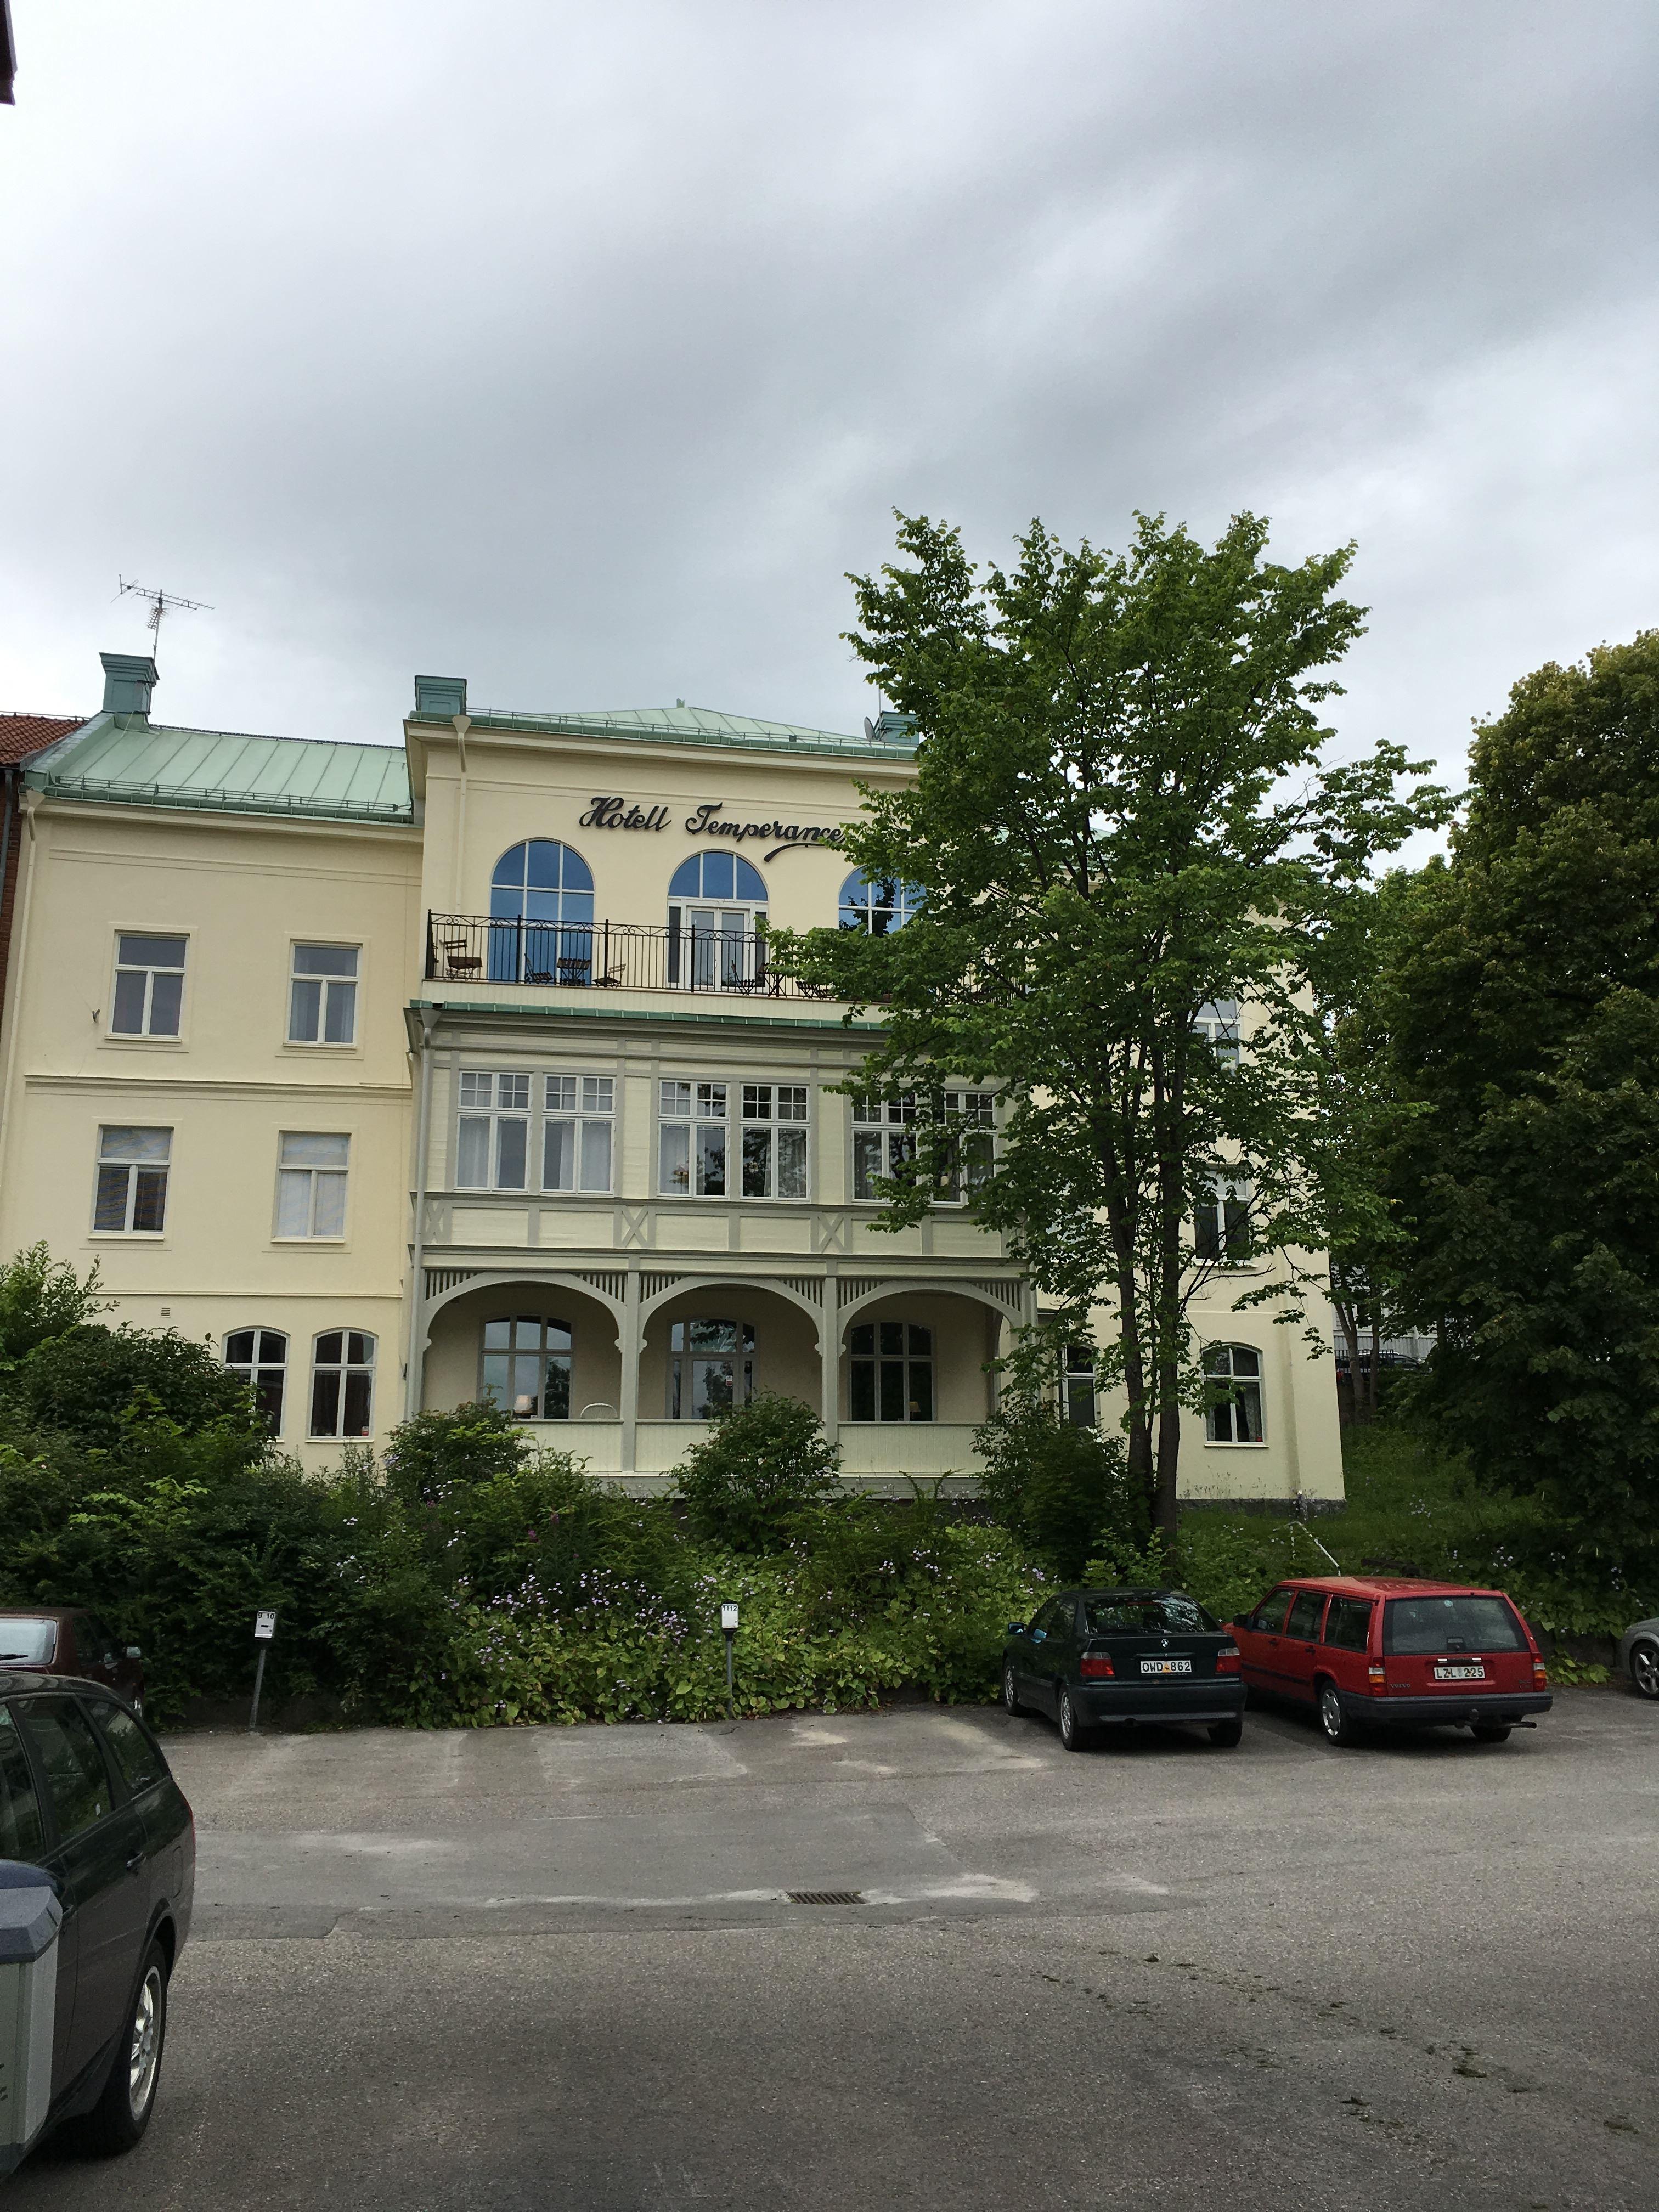 Lena E Andersson, Hotel Temperance